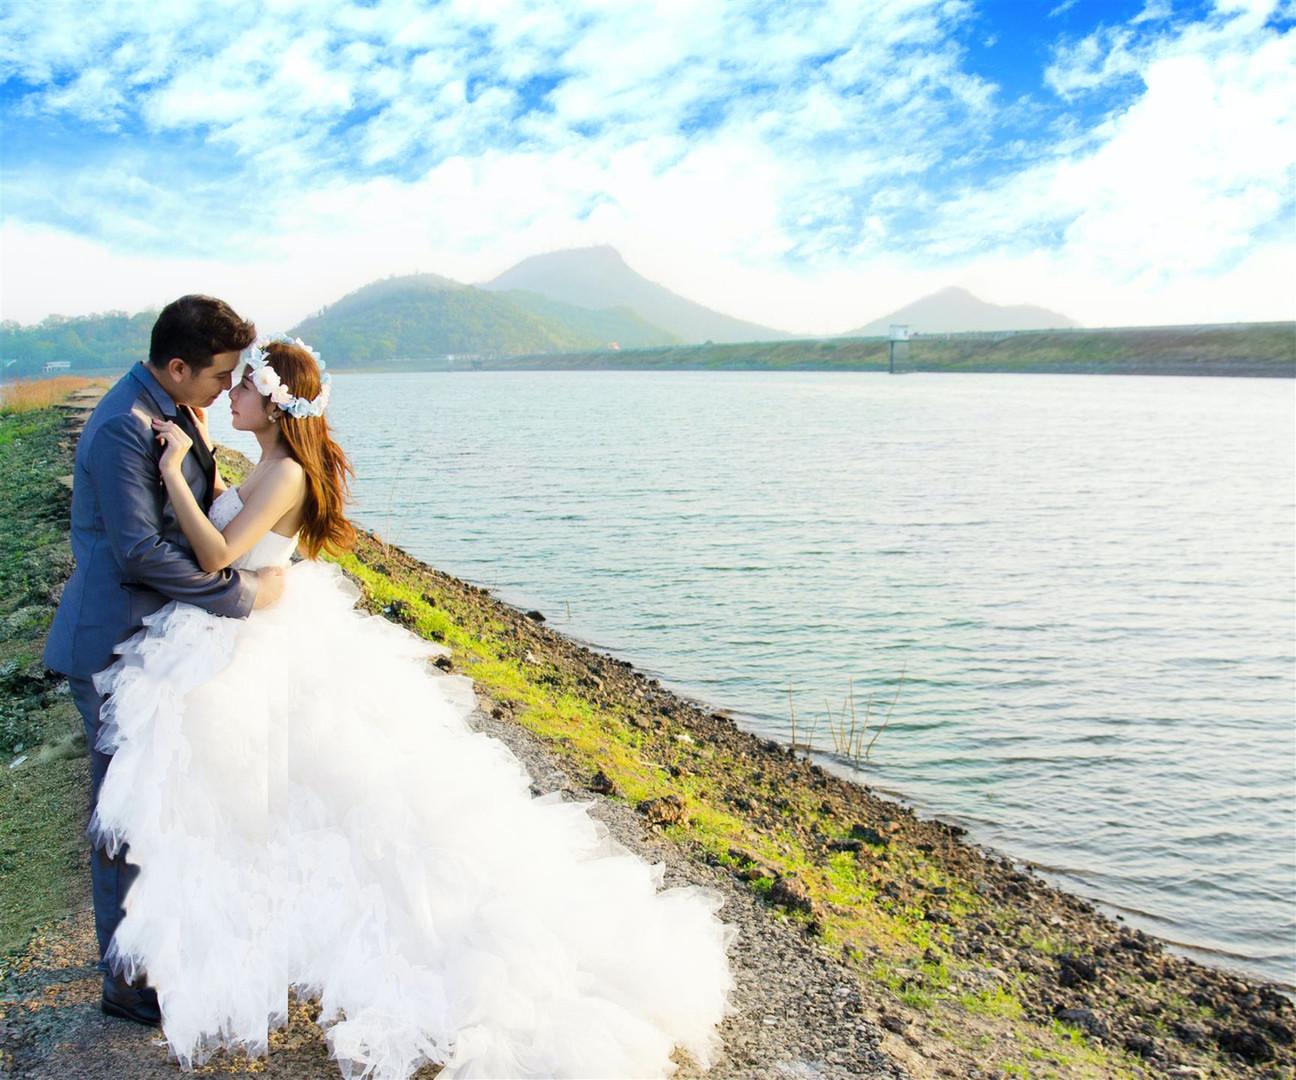 Символическая свадьба в Тайланде.jpg